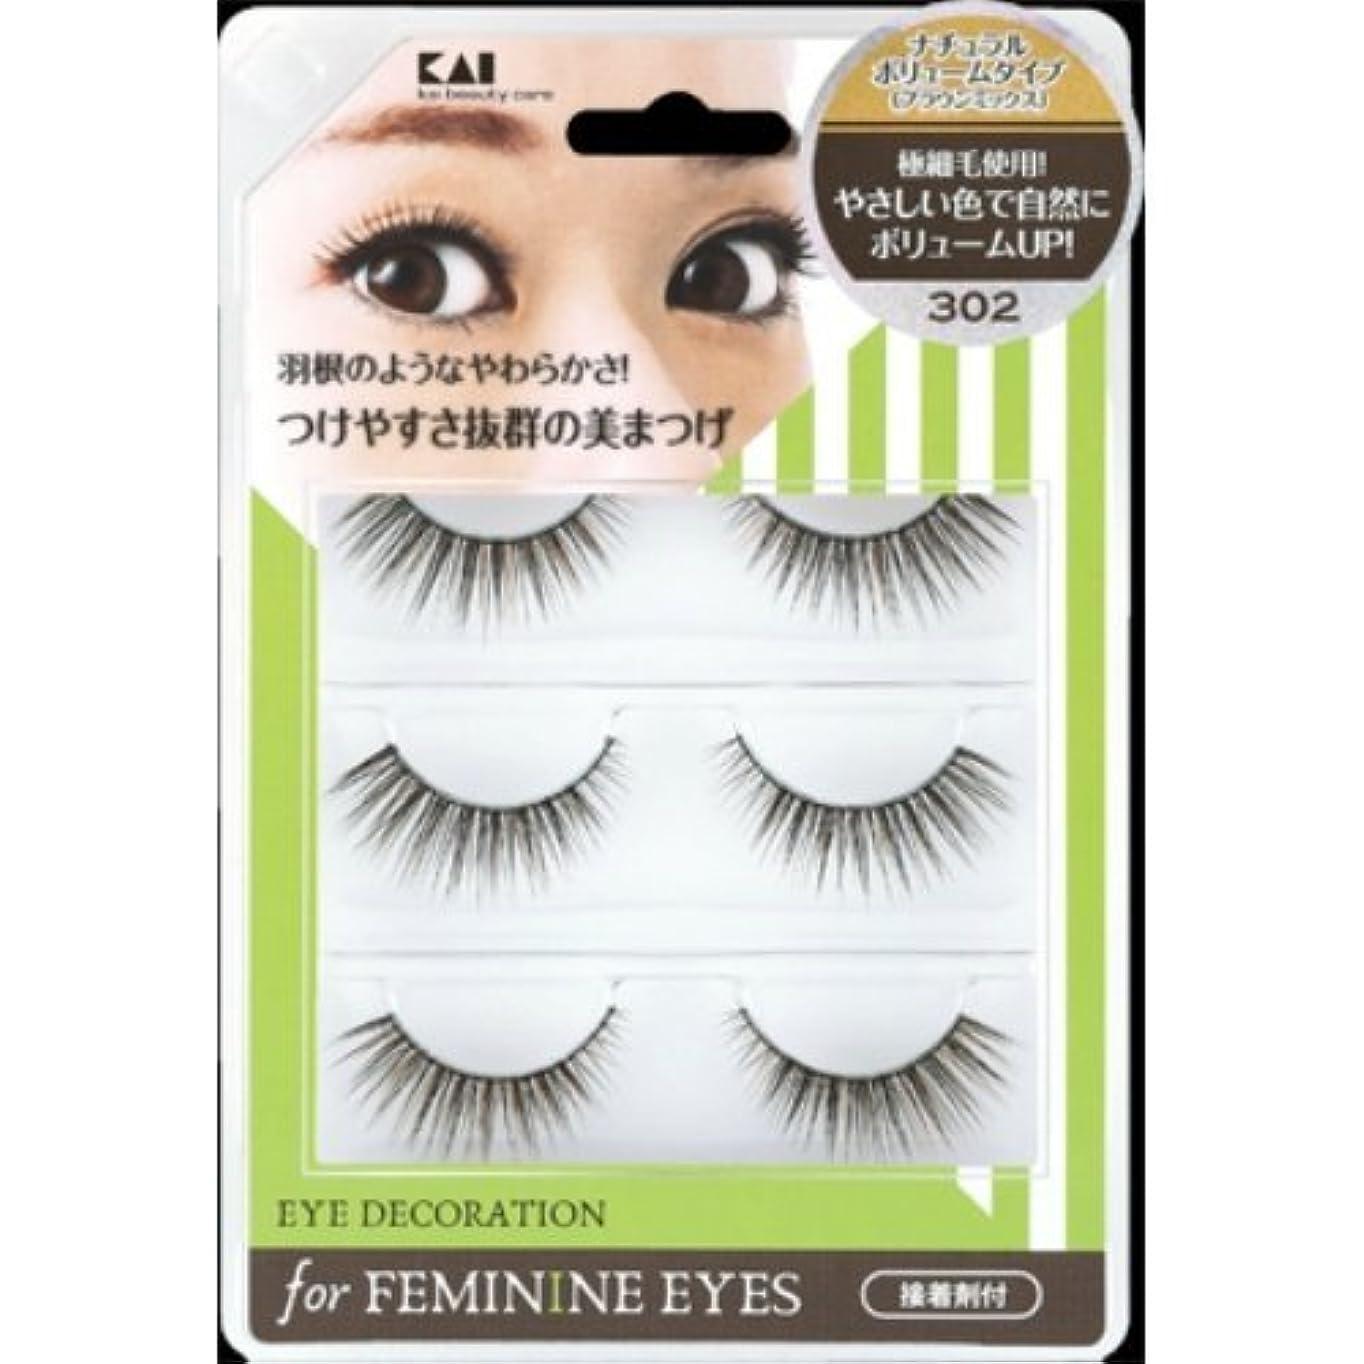 軽蔑ズボン本土貝印 アイデコレーション for feminine eyes 302 HC1562